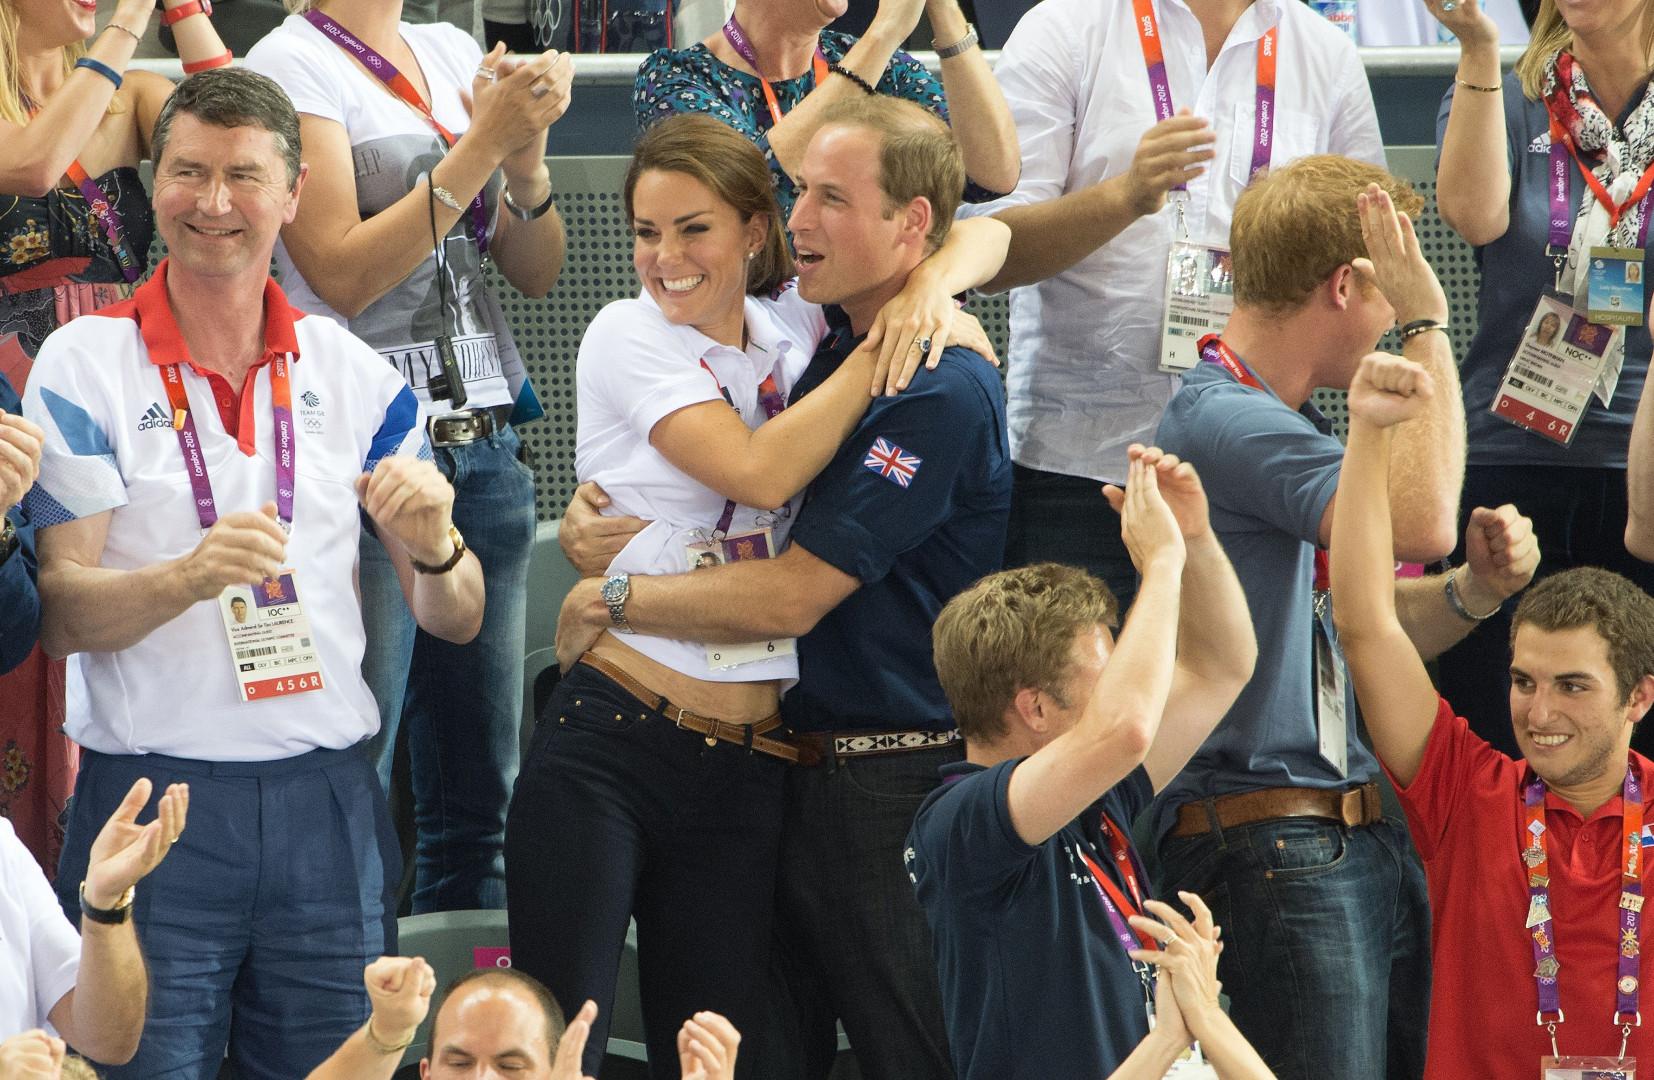 Kate et William se prennent dans les bras pendant la finale de la course cycliste à Londres le 2 août 2012